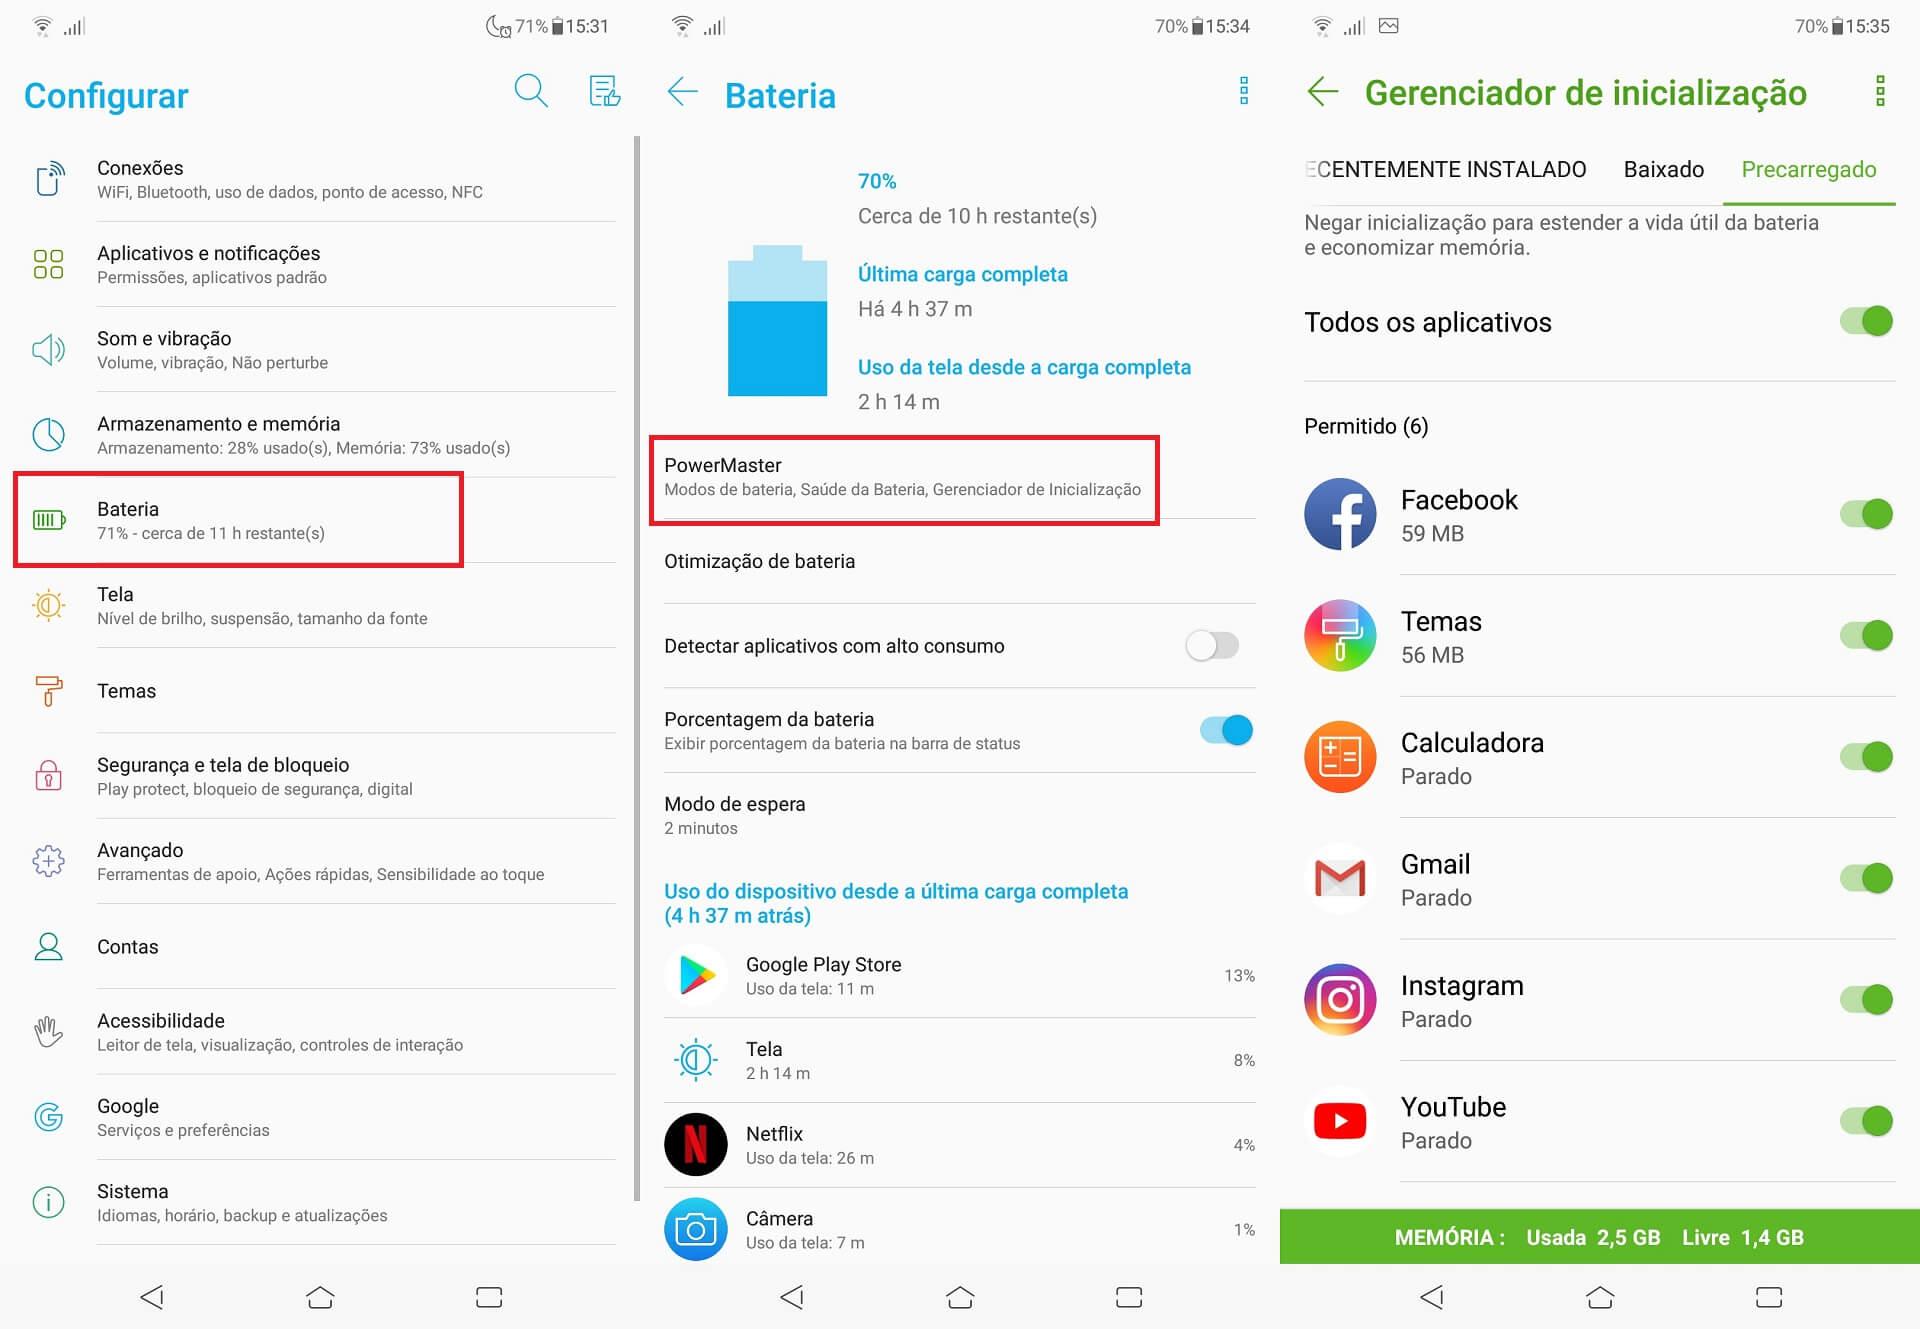 IMG 7 - Descubra 23 dicas e truques para os Asus Zenfone 5 e Zenfone 5Z